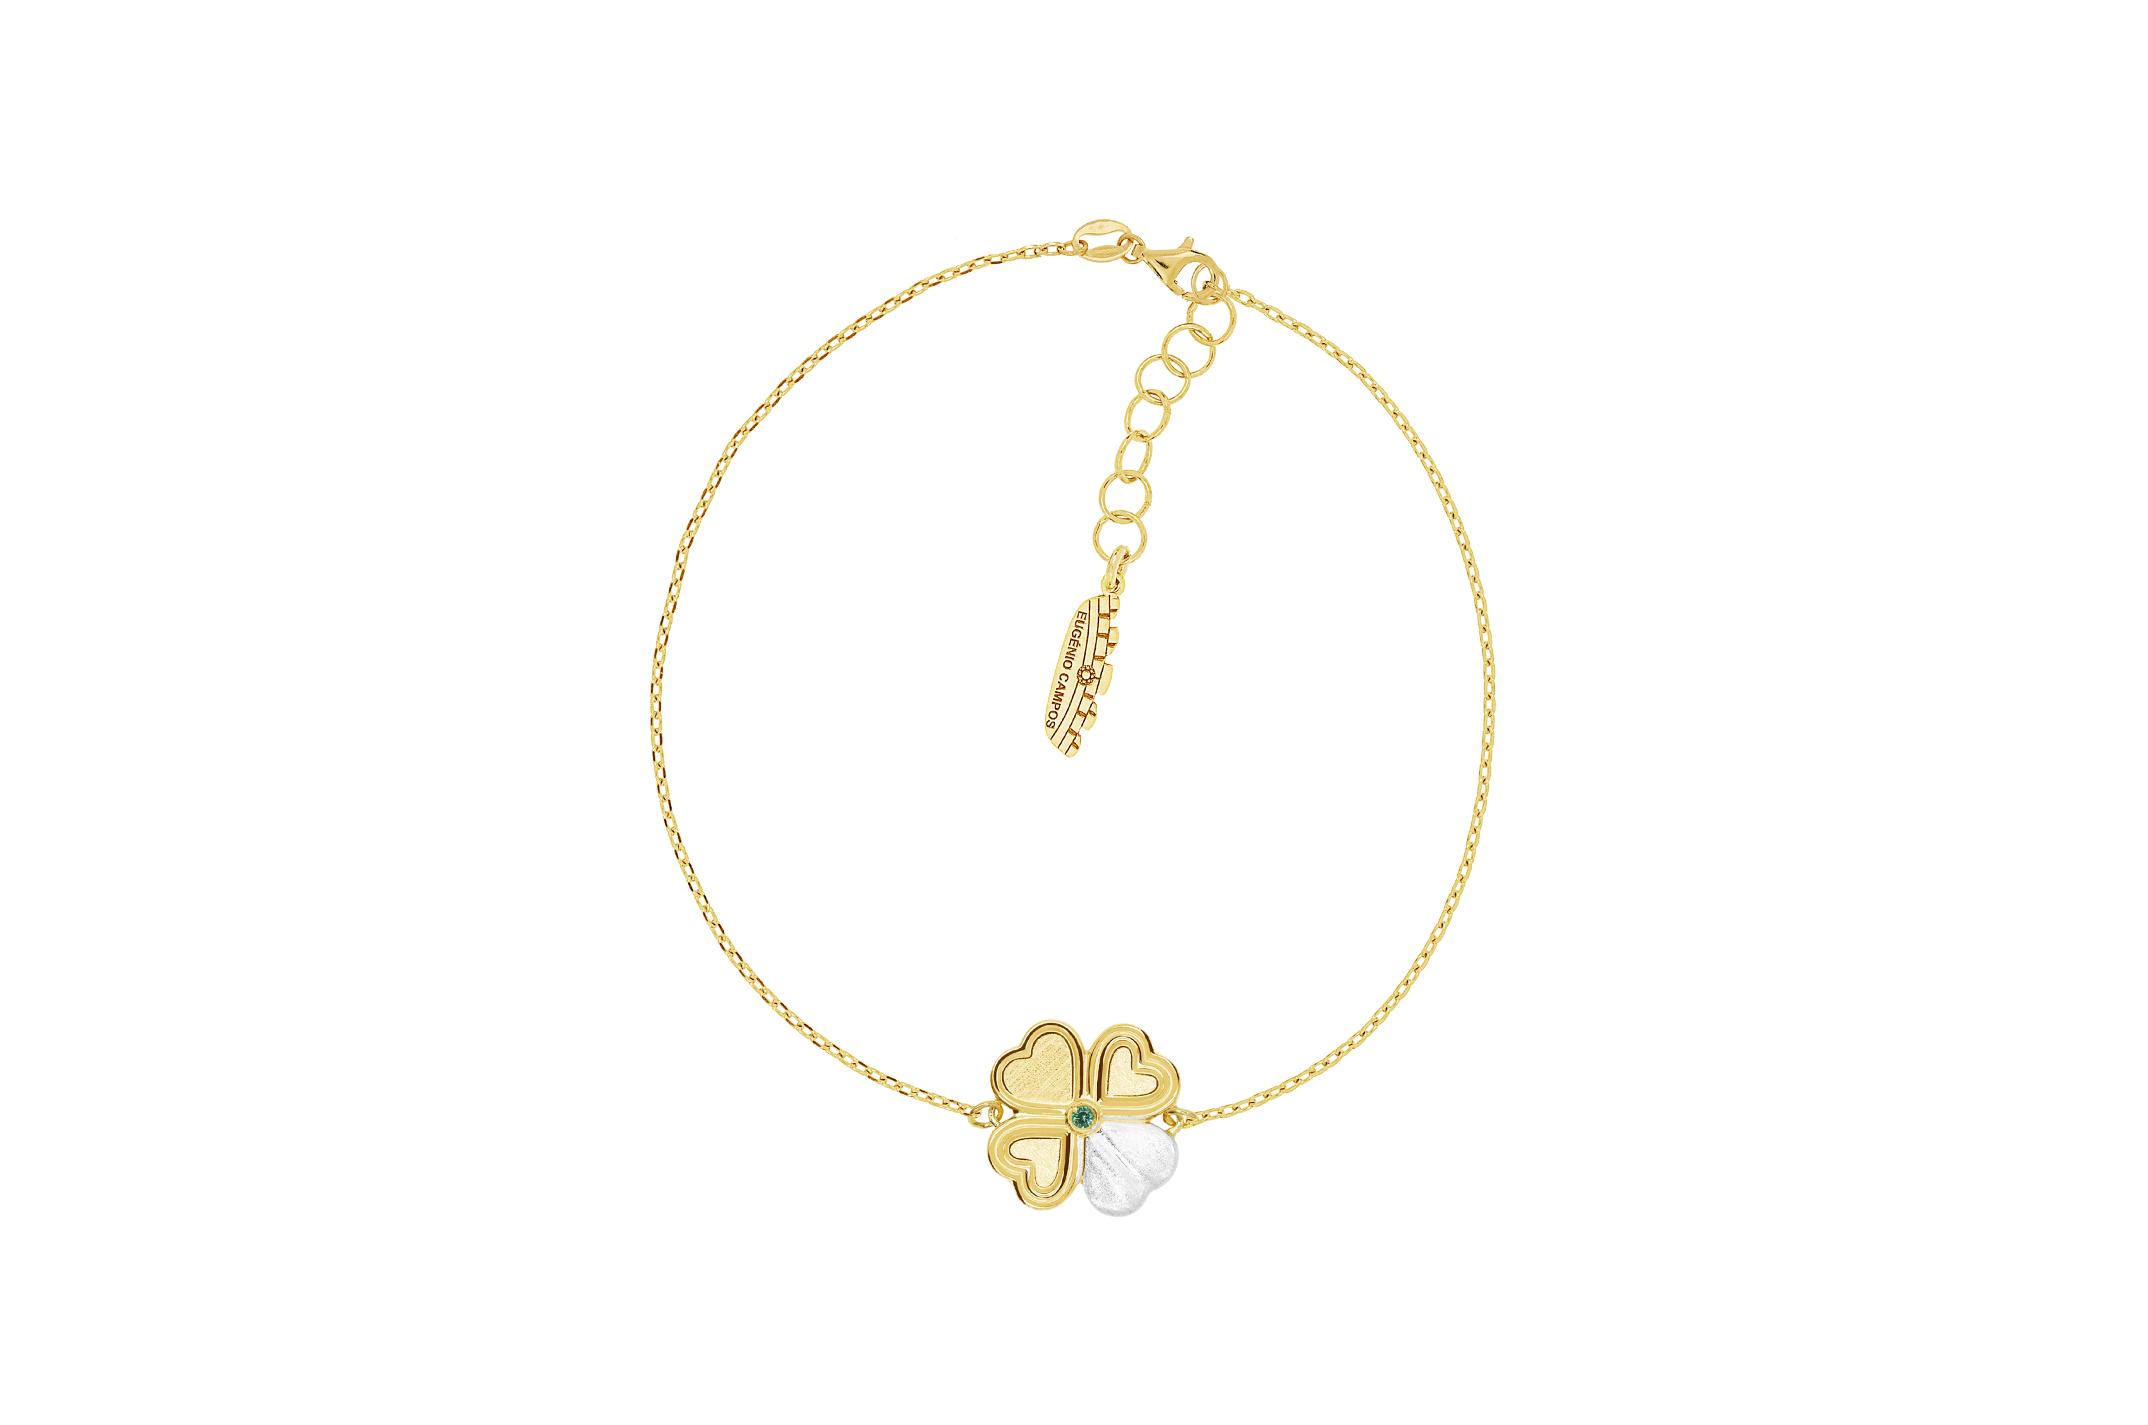 Joia: pulseira;Material: prata 925;Peso: 4.80 gr;Pedra: zircónia;Cor: branco e amarelo;Medida: 16.0 + 3.0 cm;Género: mulher